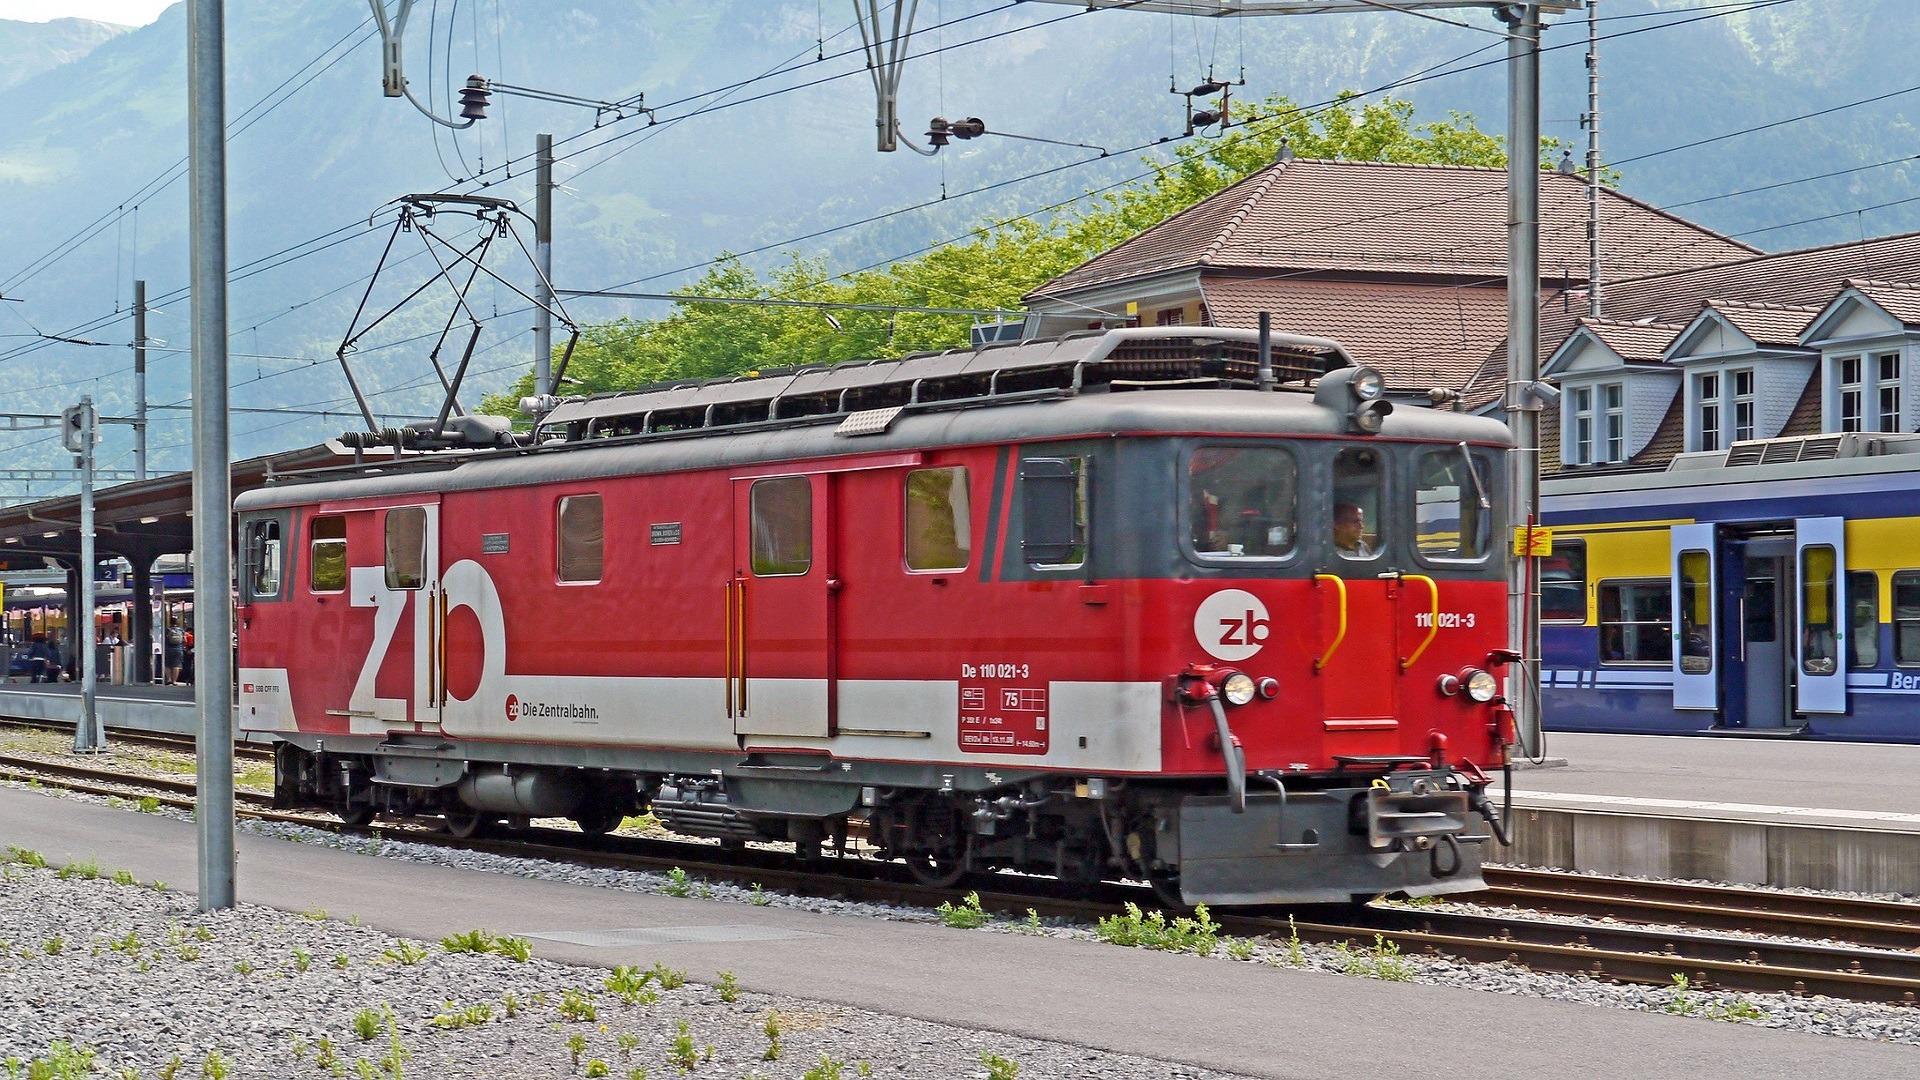 rail car leaving the platform